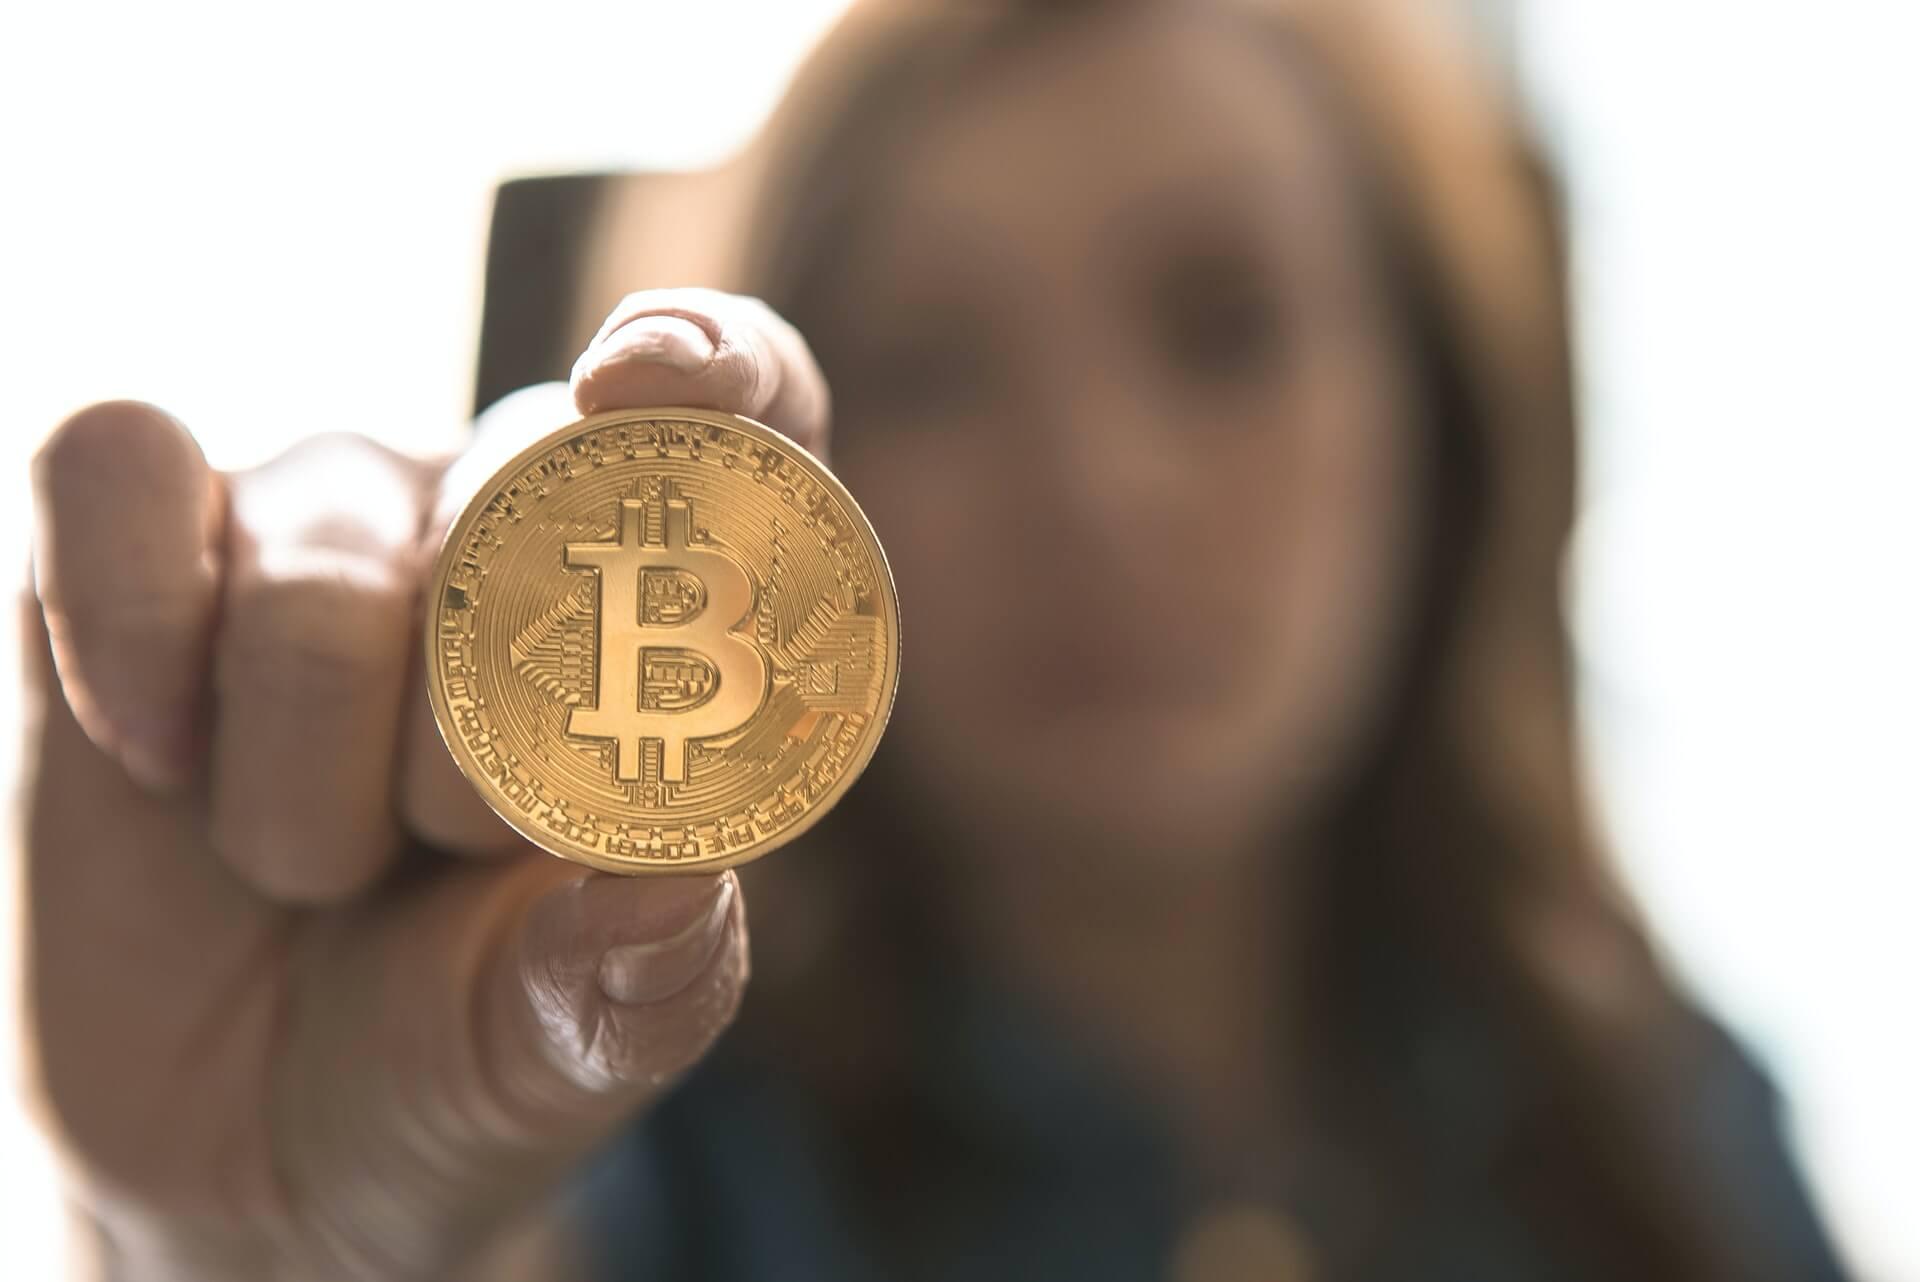 初心者こそビットコインを貯めるべき理由